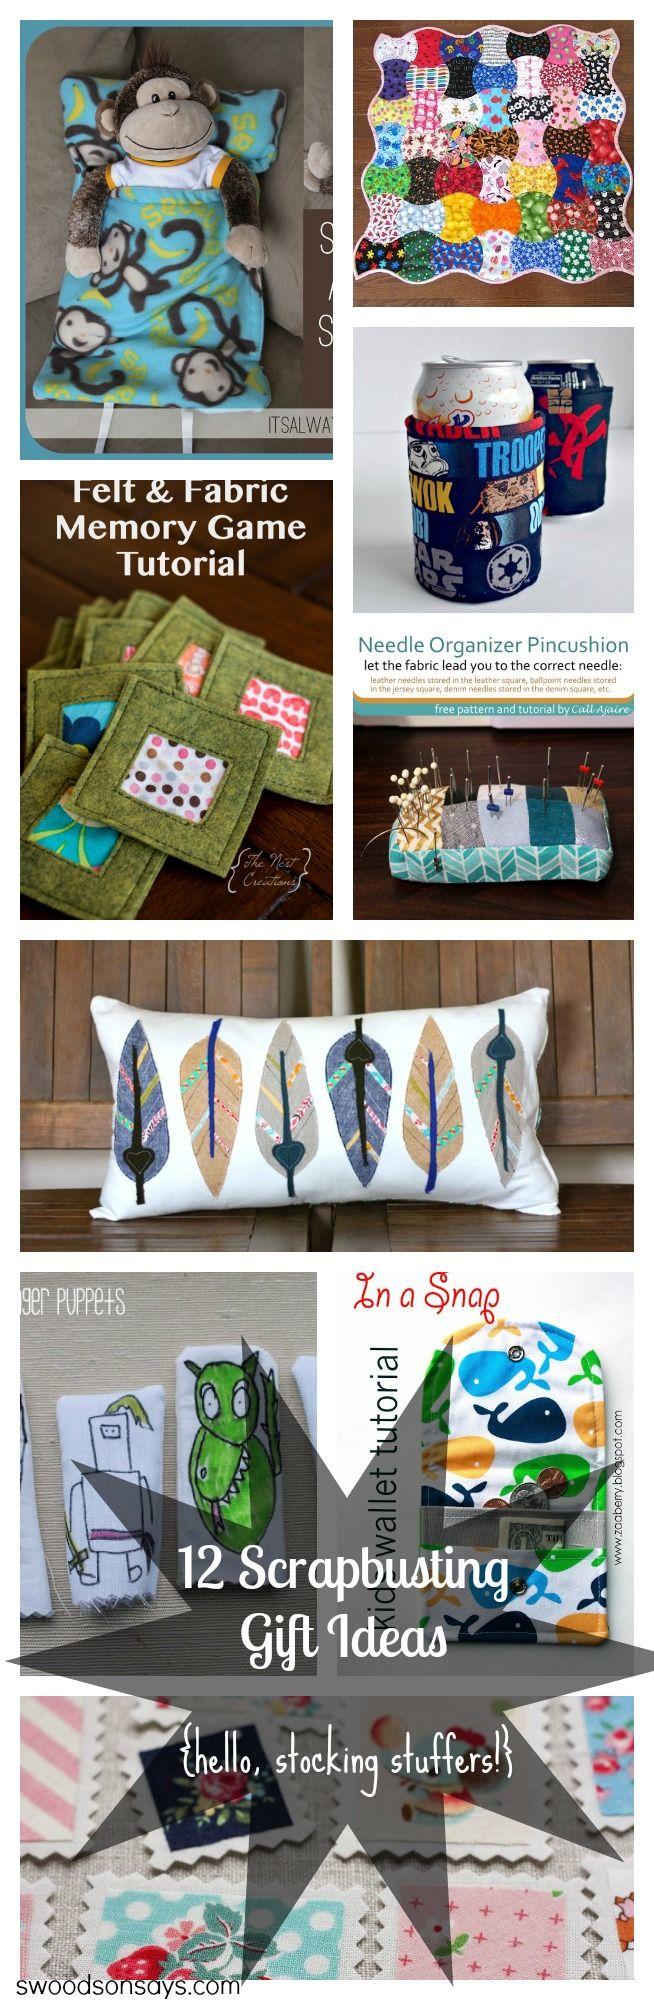 35+ Handmade stocking stuffer ideas to sew #scrapfabric